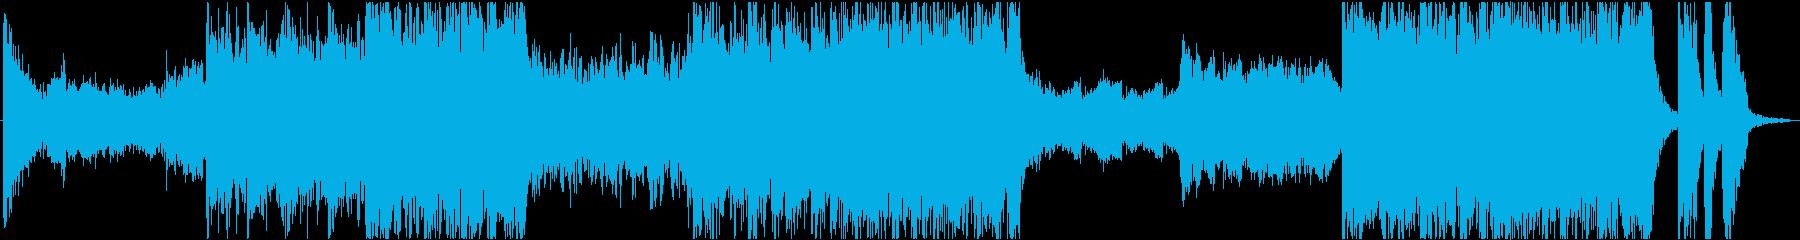 魔王登場!不気味で重厚なBGMの再生済みの波形